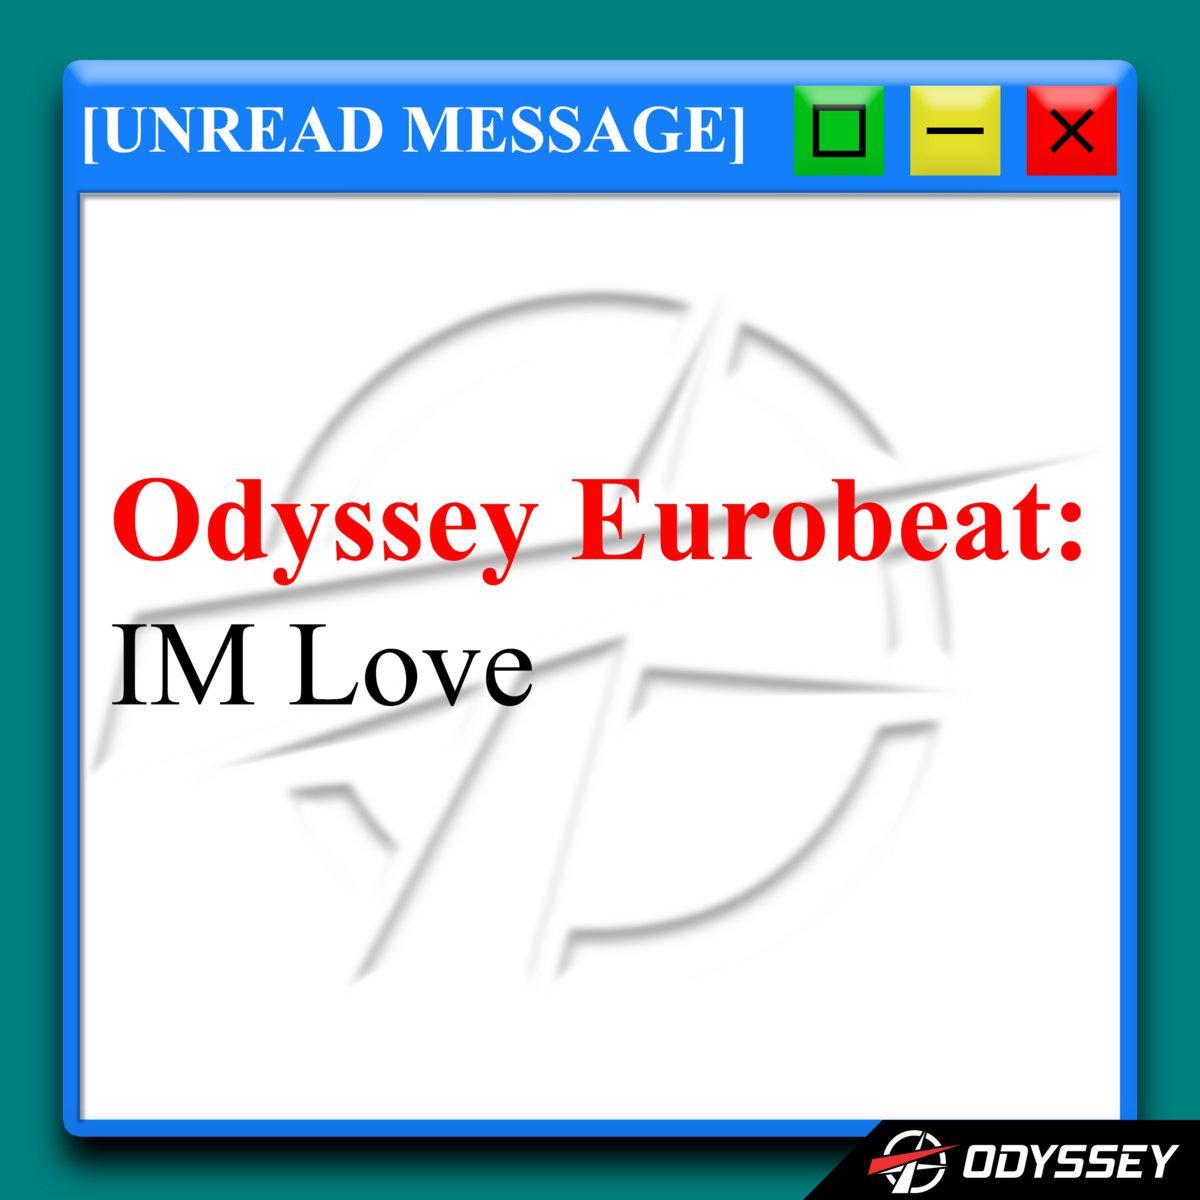 Odyssey - IM Love